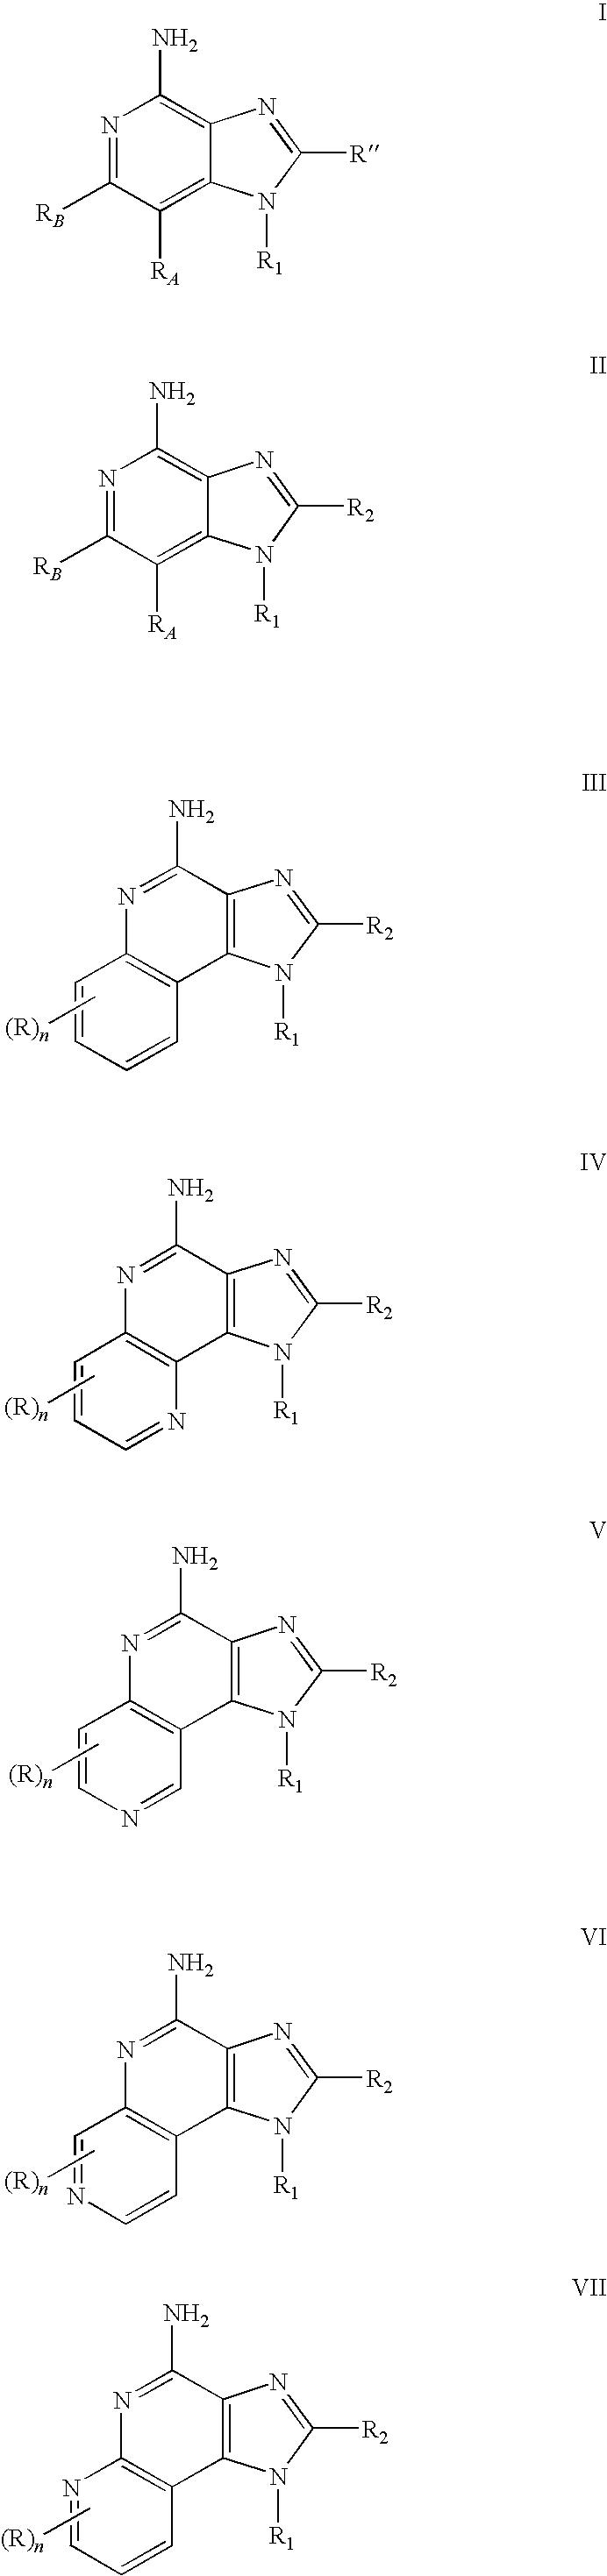 Figure US07799800-20100921-C00003